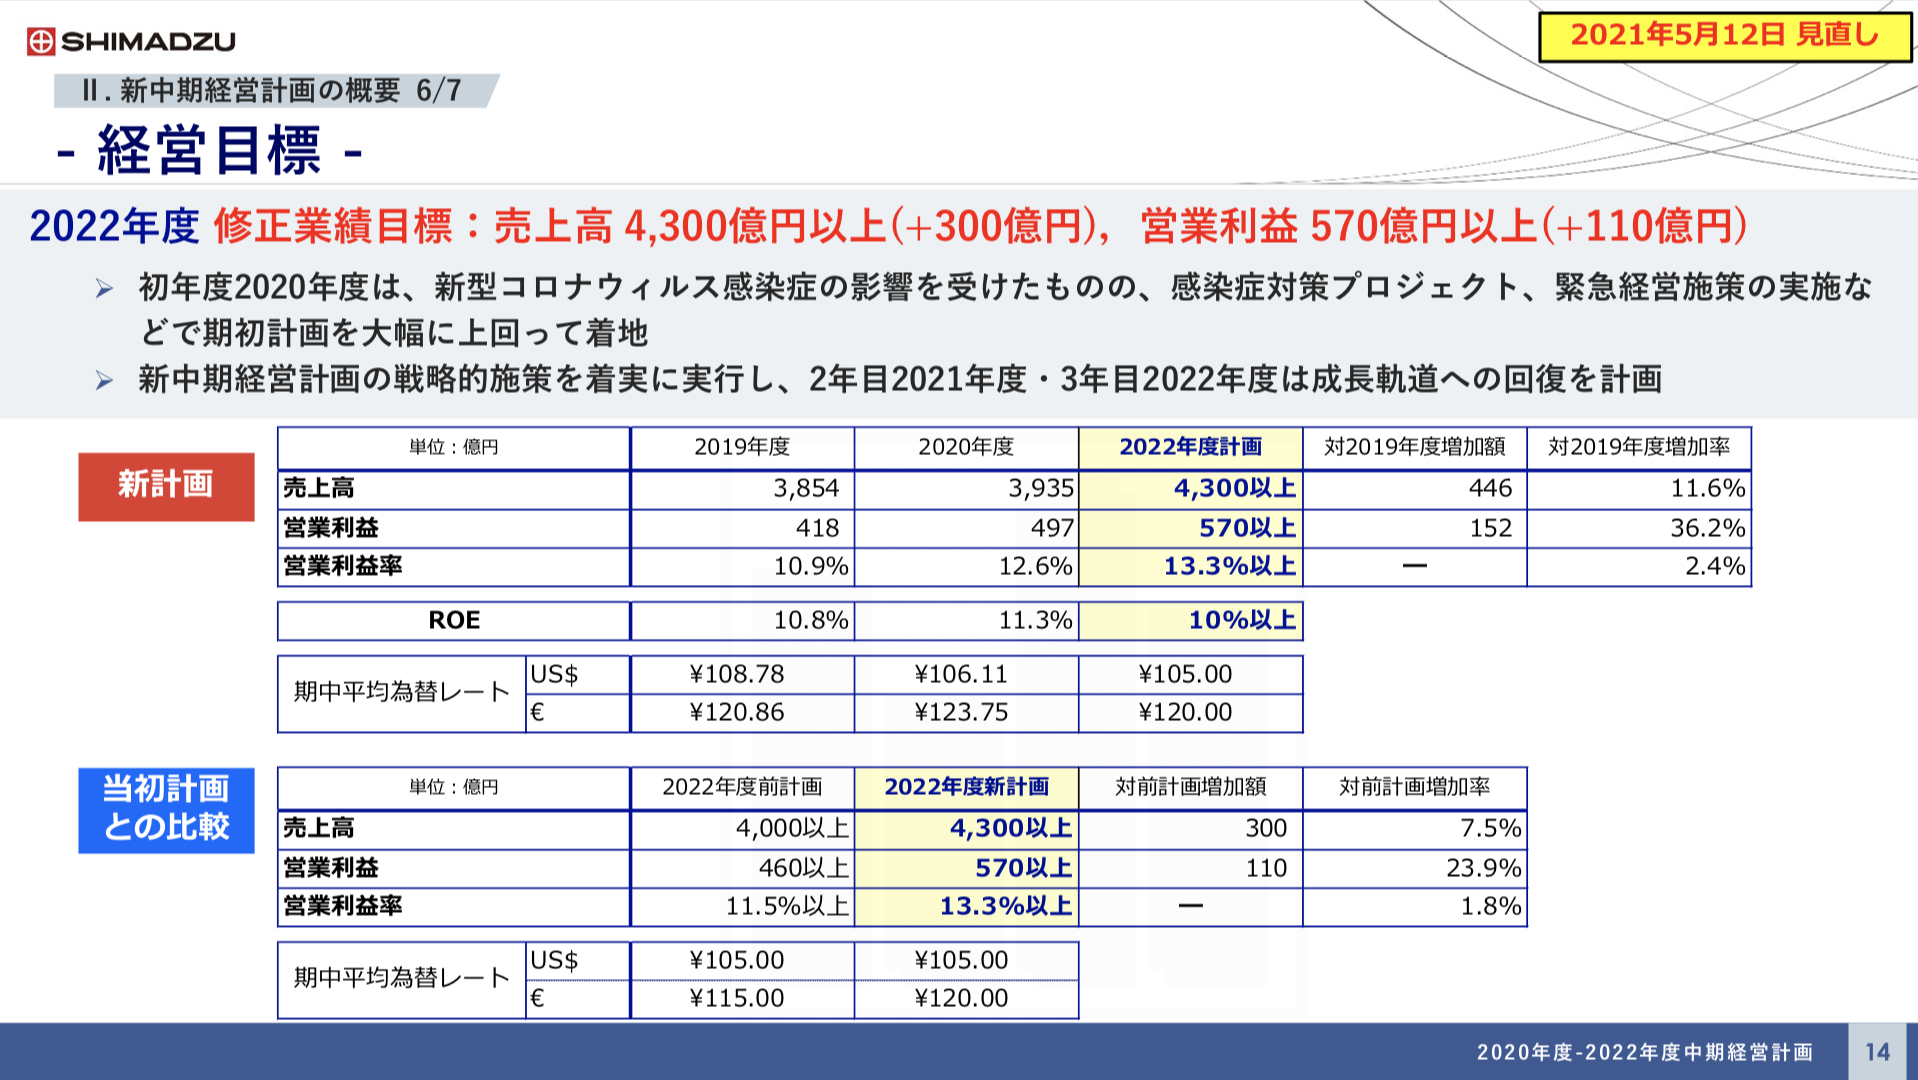 株式会社 島津製作所 FY2020(2021年3月期) 決算説明会